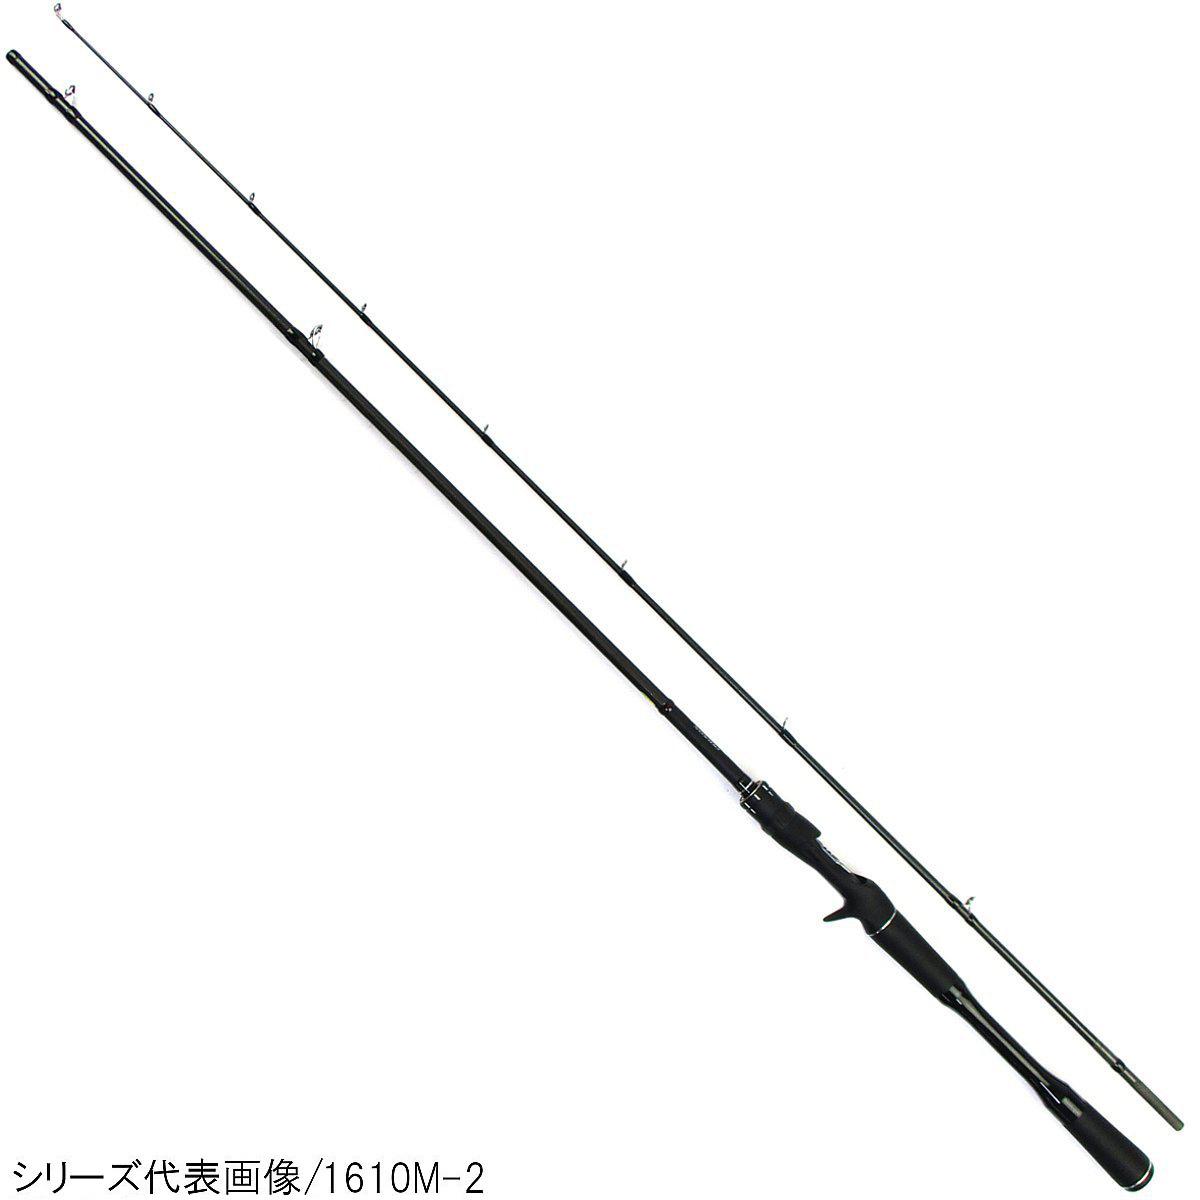 シマノ ポイズンアドレナ センターカット2ピース(ベイト) 1610MH-2